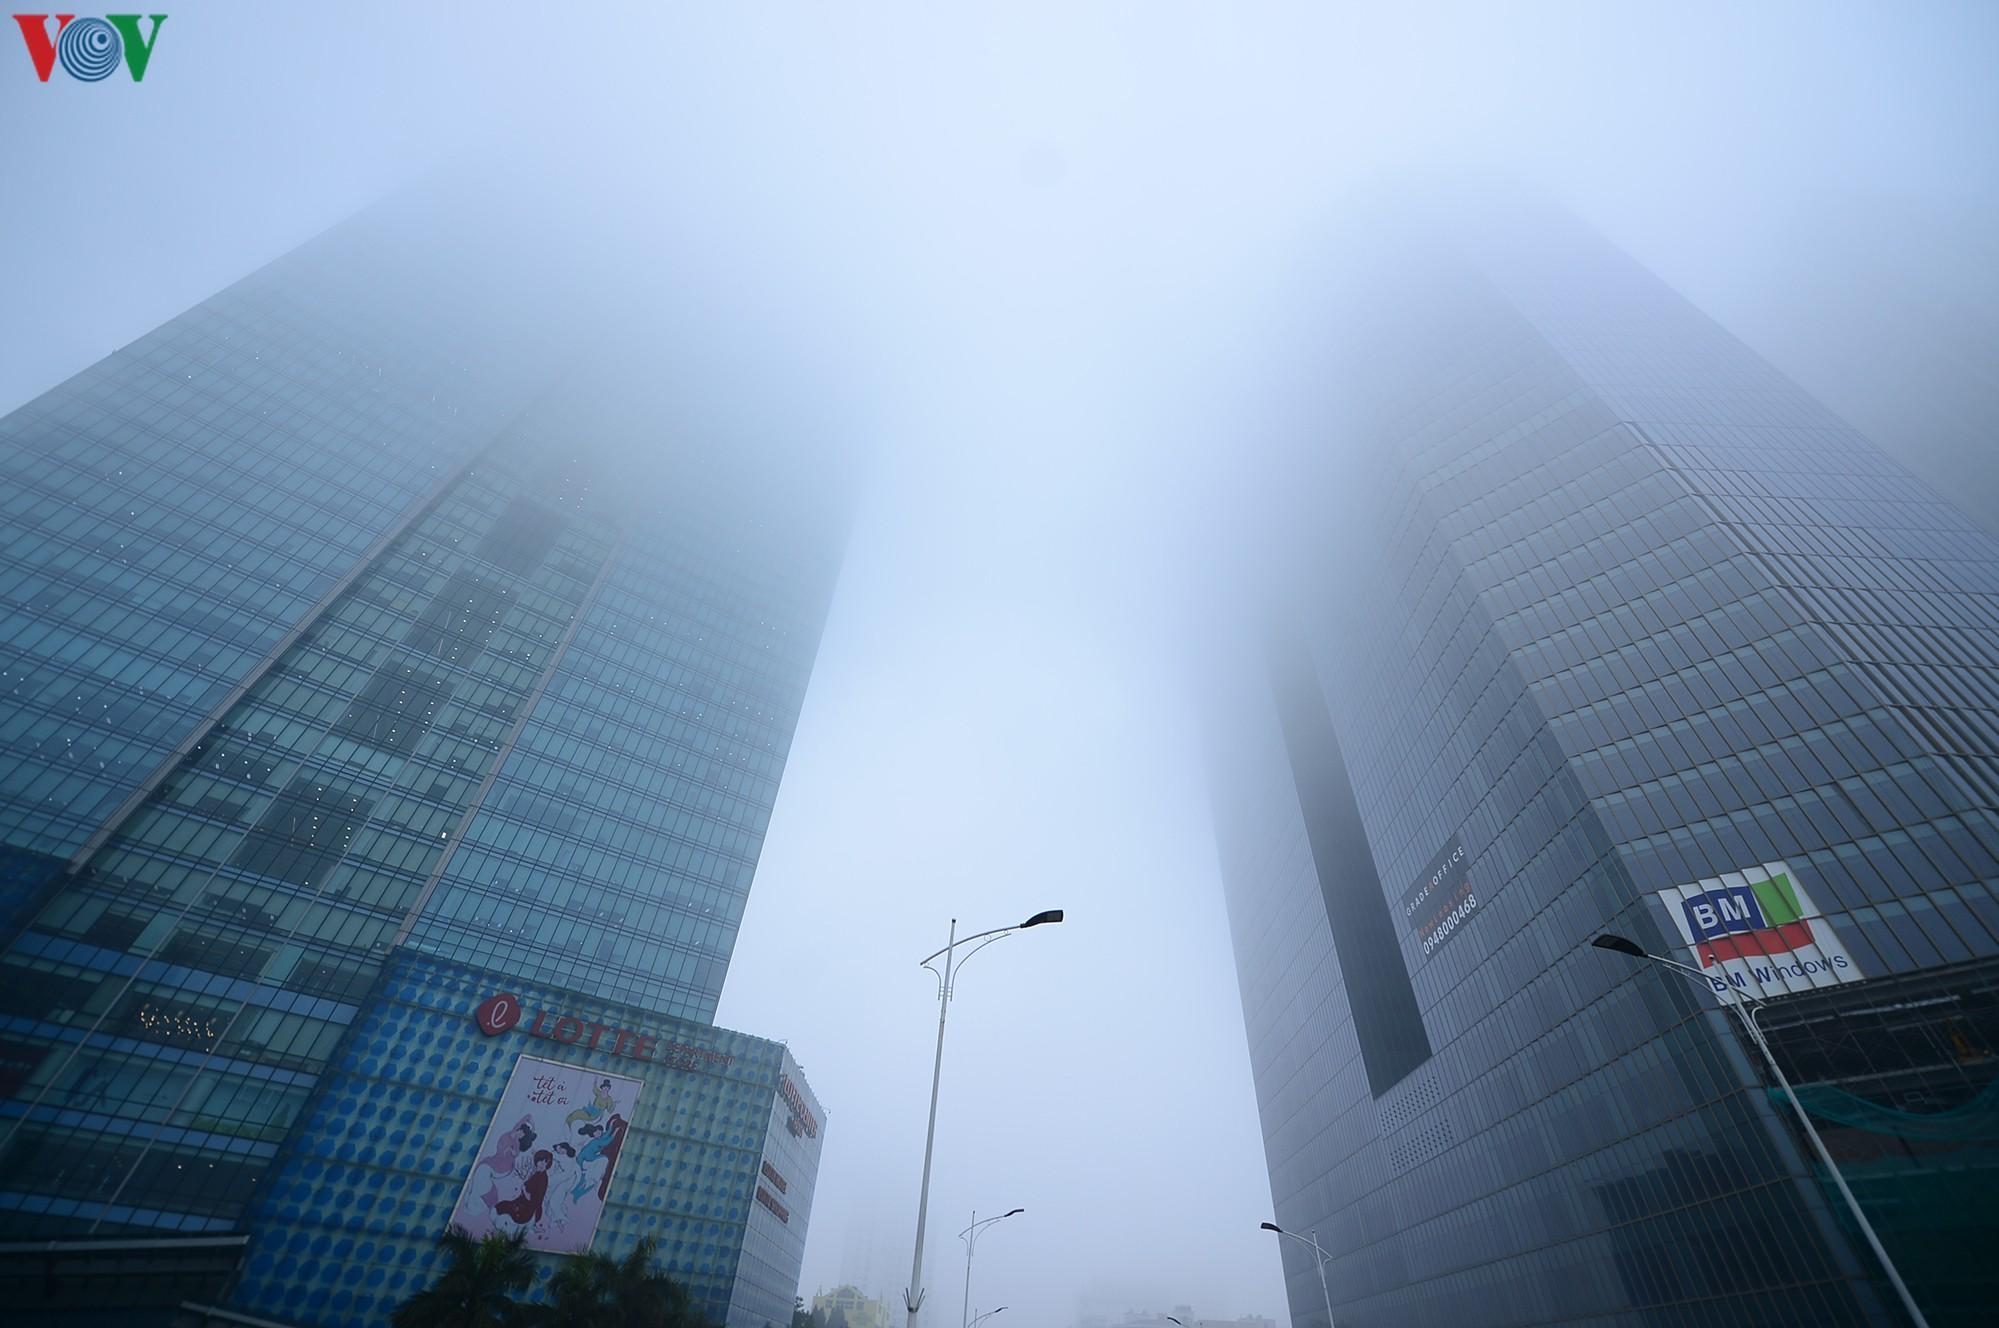 Hà Nội lại chìm trong sương mù dày đặc Ảnh 16